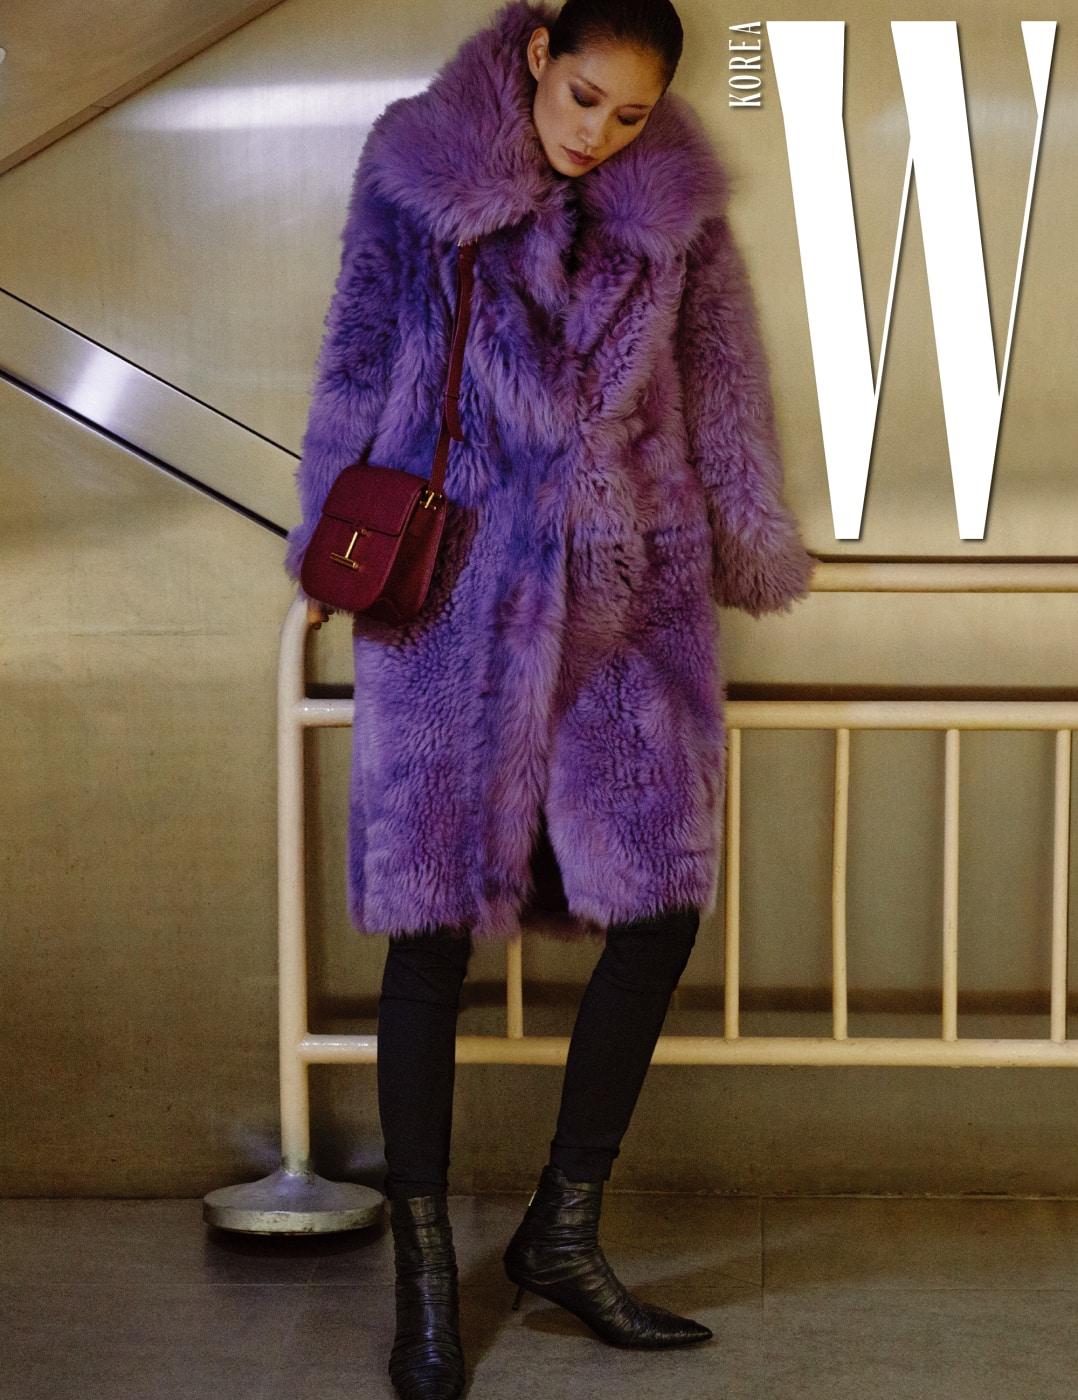 극적인 부피감의 시어링 양털 소재 코트, 슬림한 테일러드 팬츠, 버건디 색상의 '타라' 백, 날렵한 라인의 앵클부츠는 모두 Tom Ford 제품.